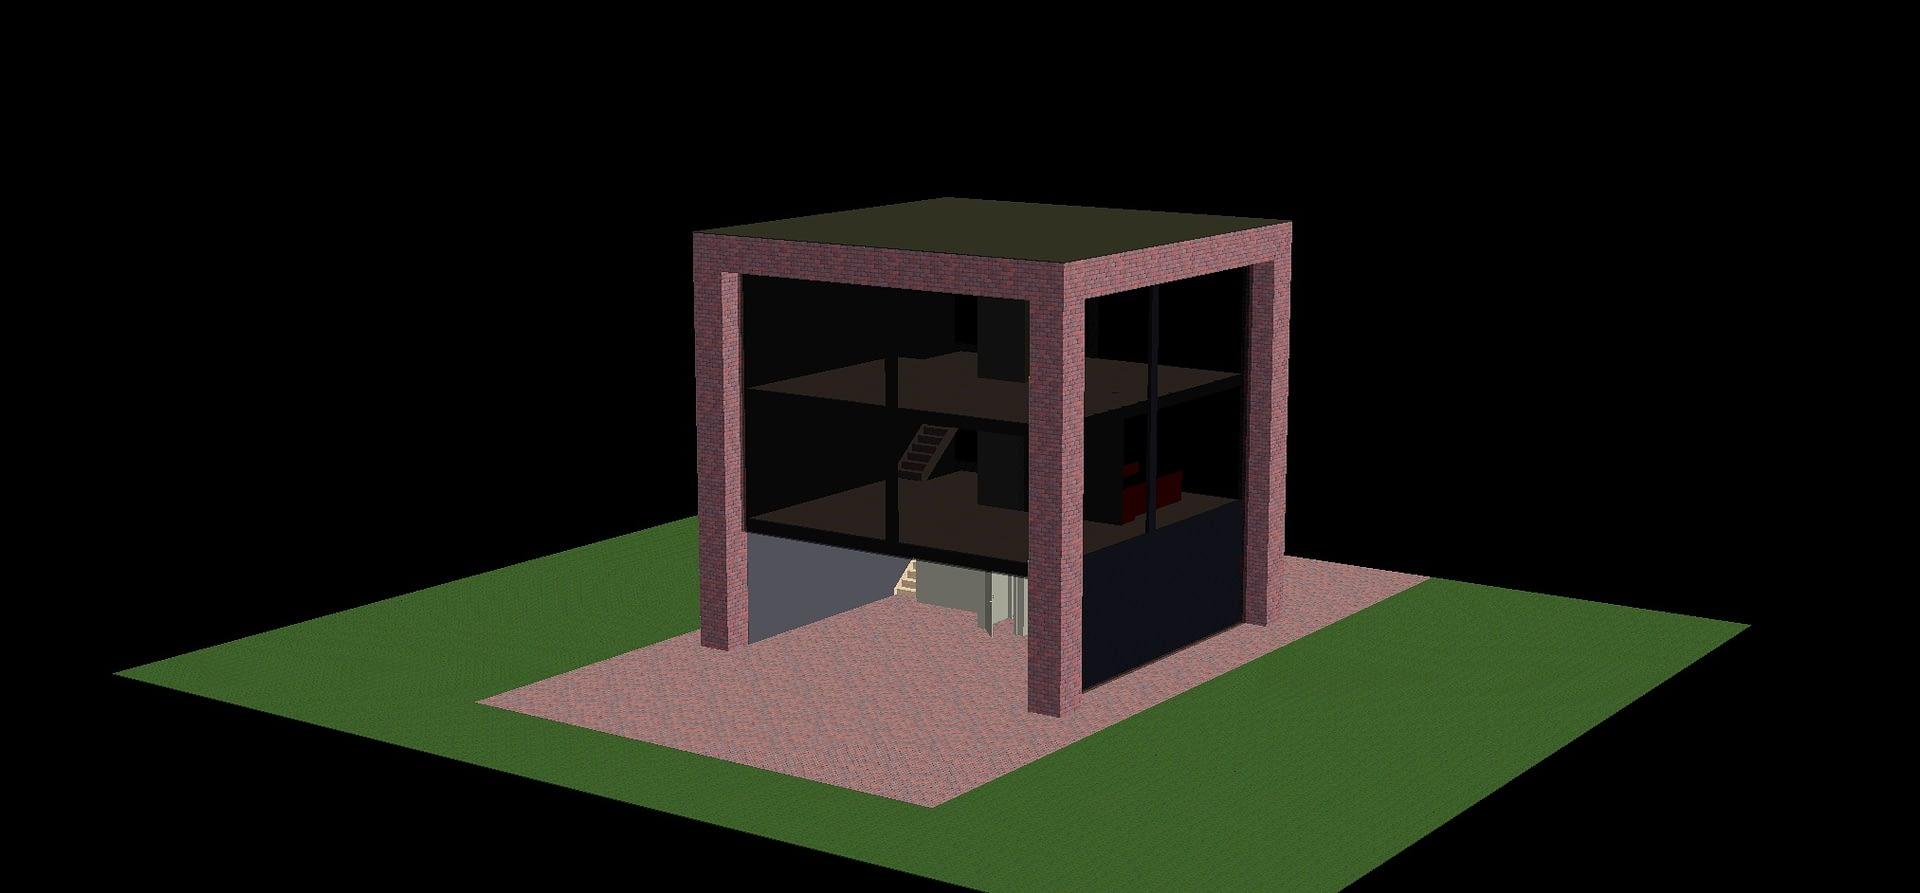 solergy homes custom designed solar homes custom design 5